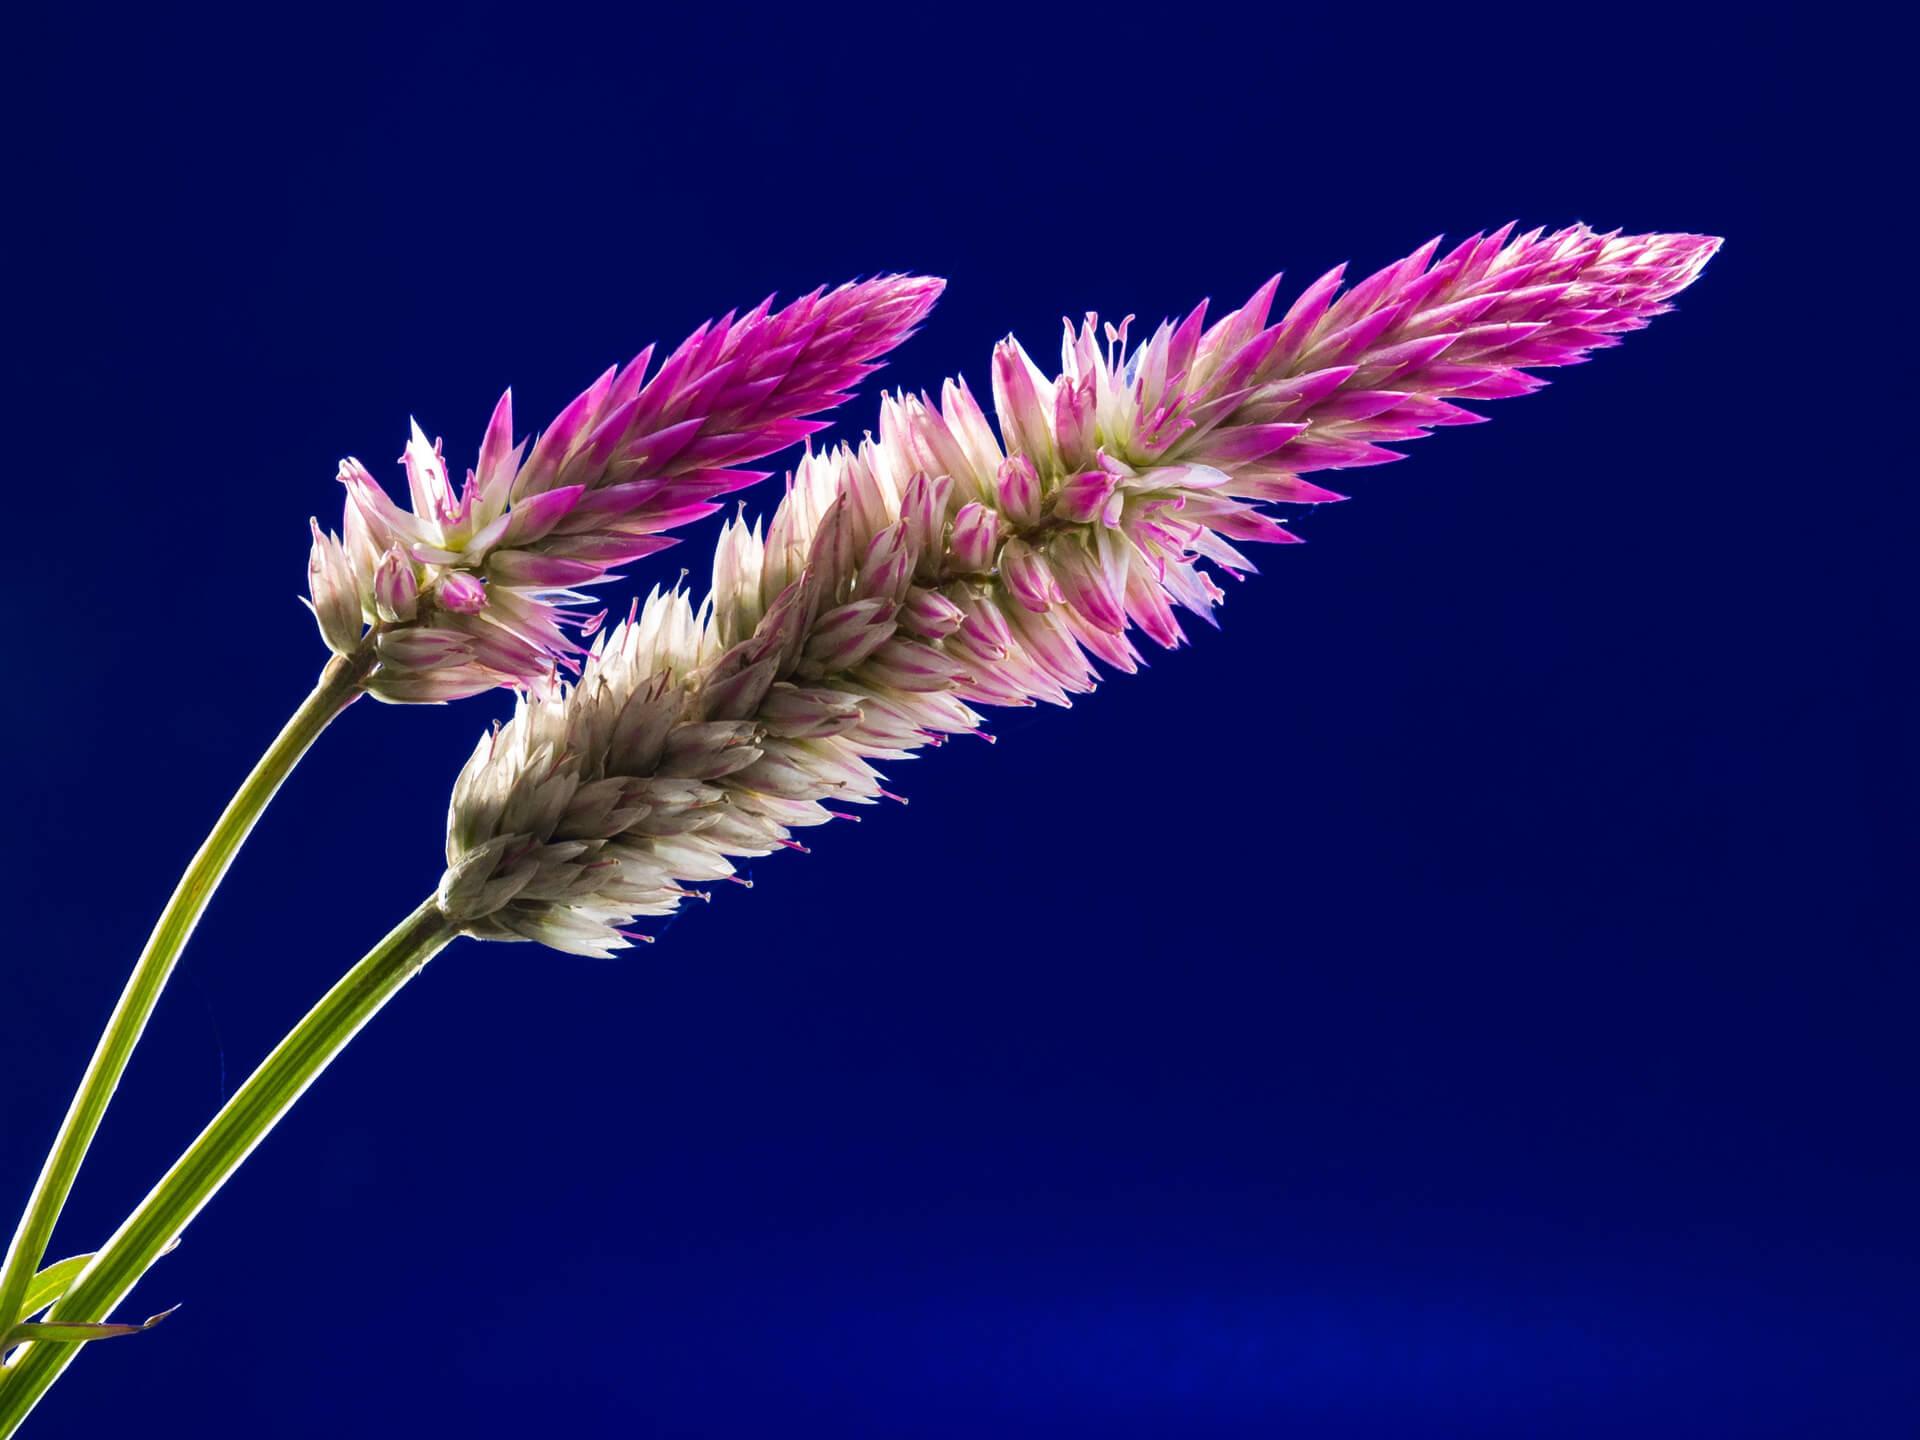 Hoa 2 màu trắng và tím